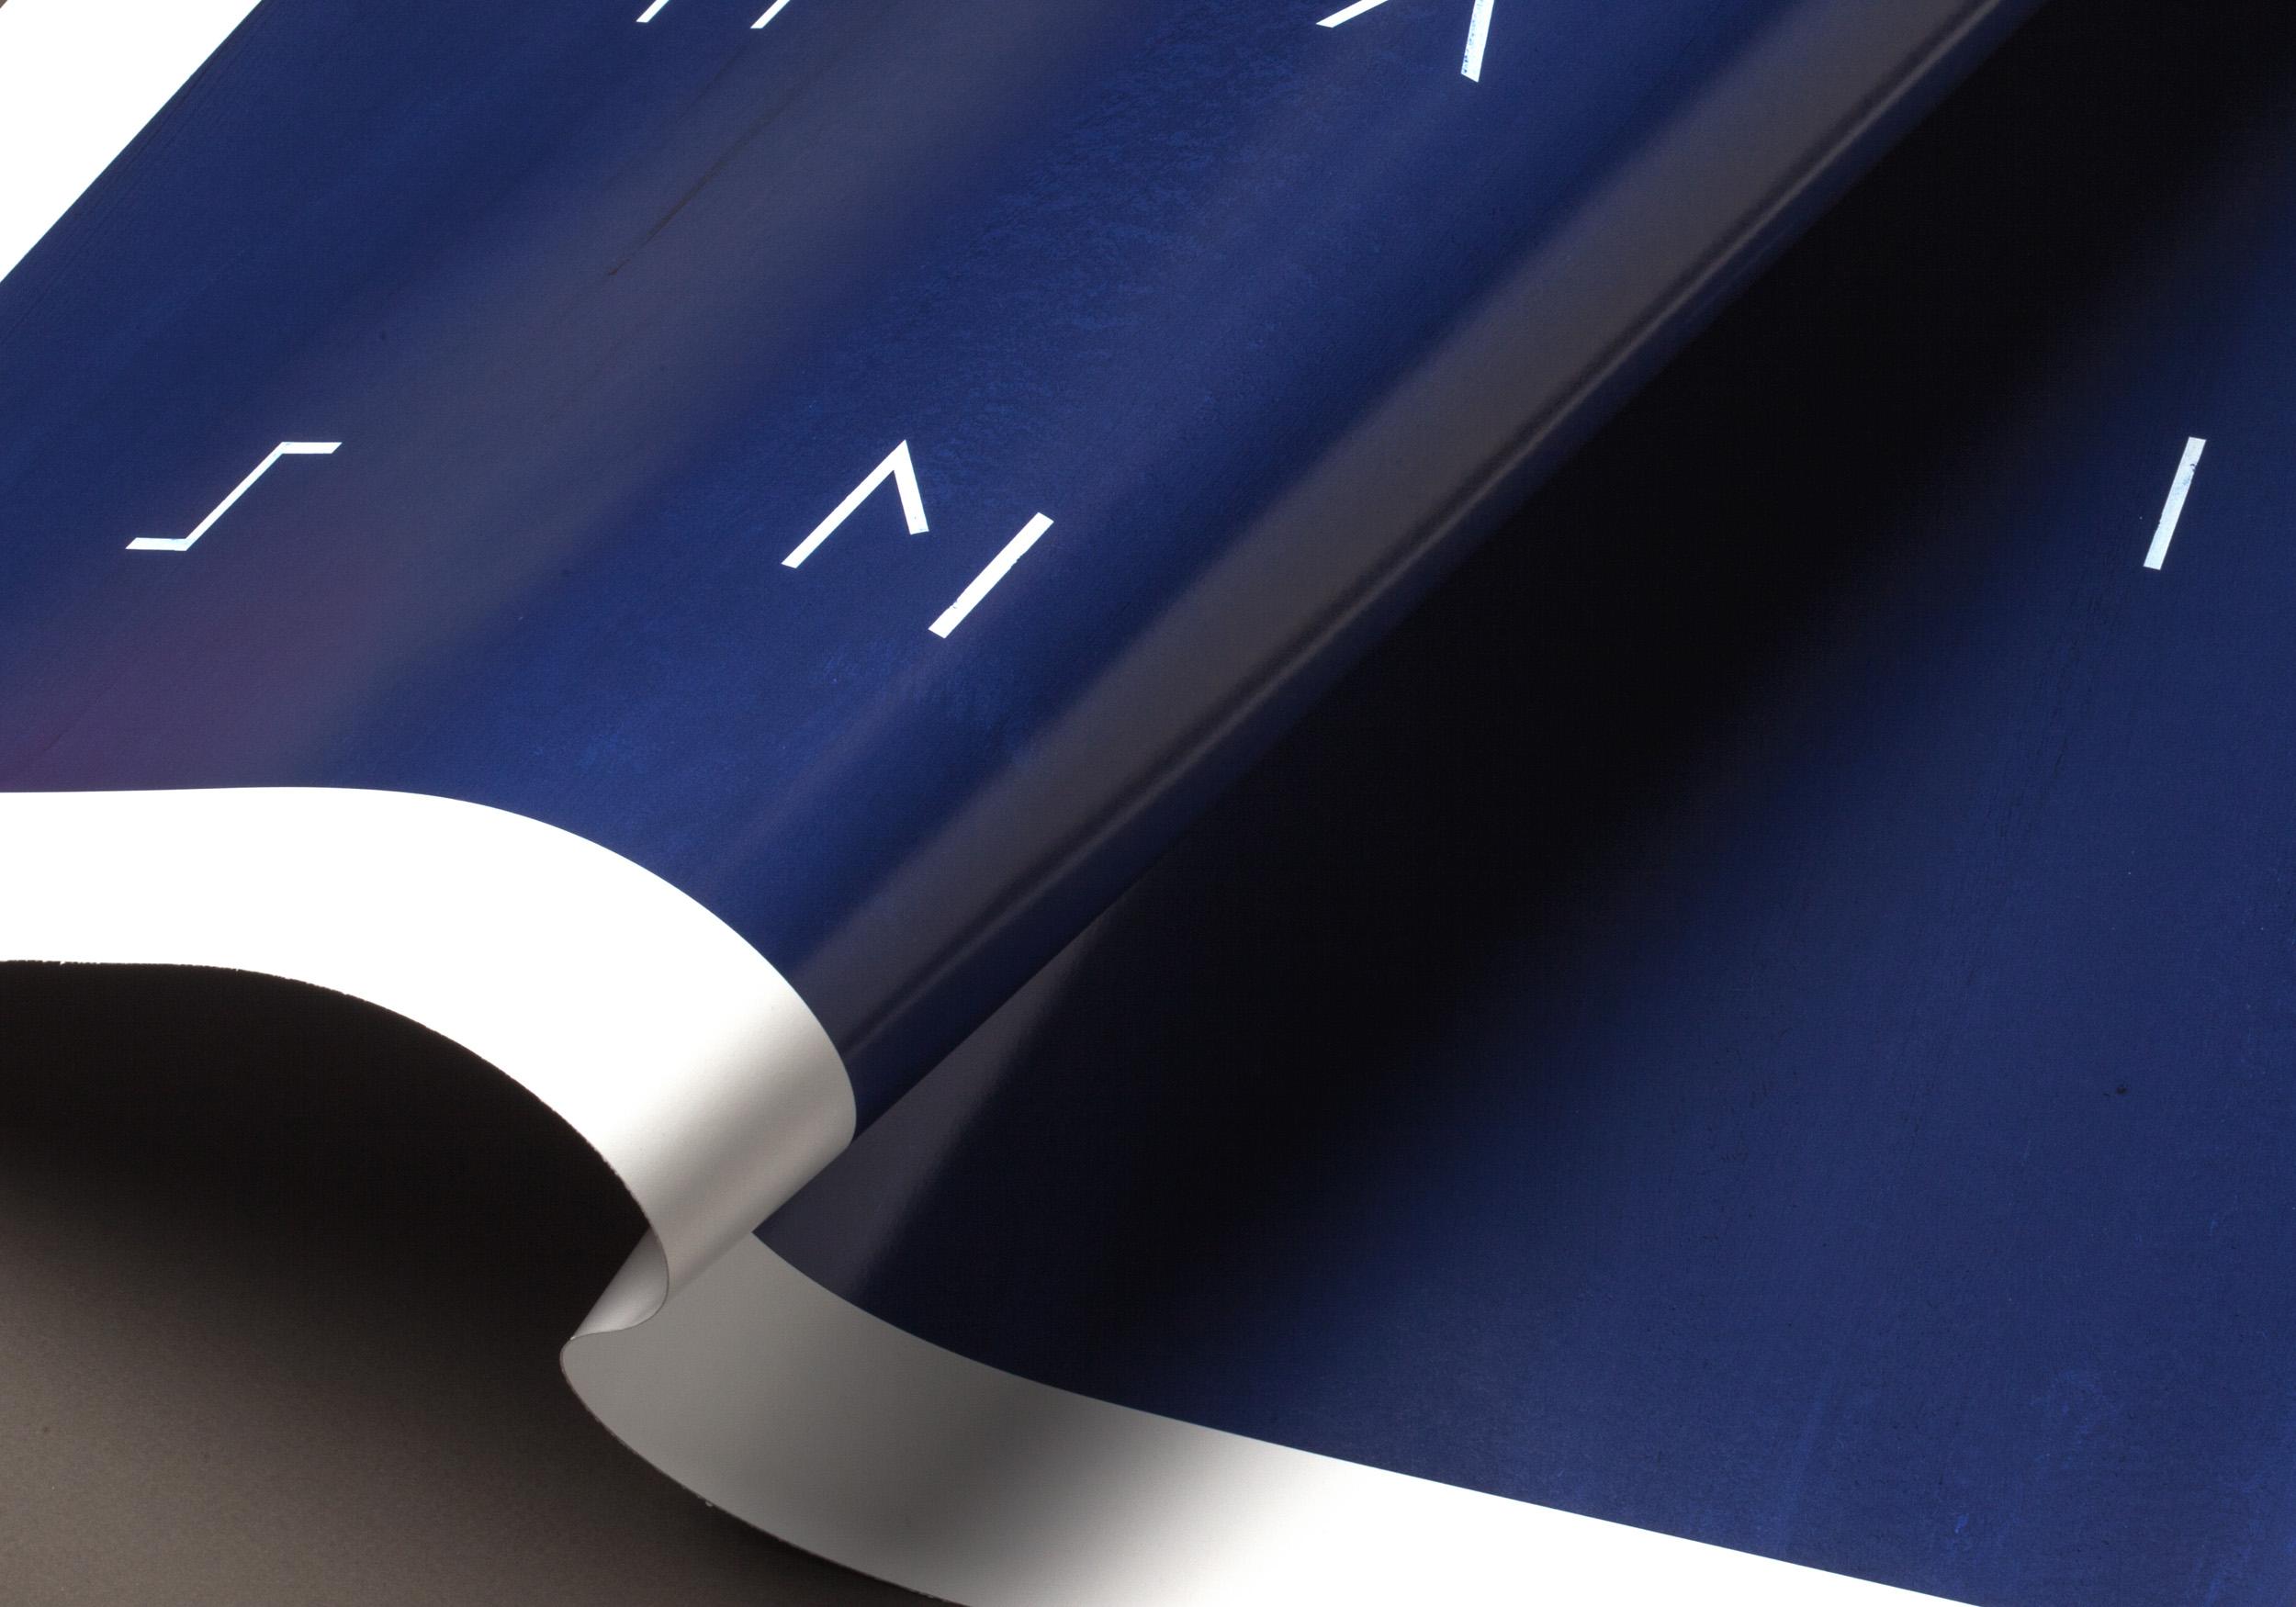 Detalle del póster Minimalism de LetterArt